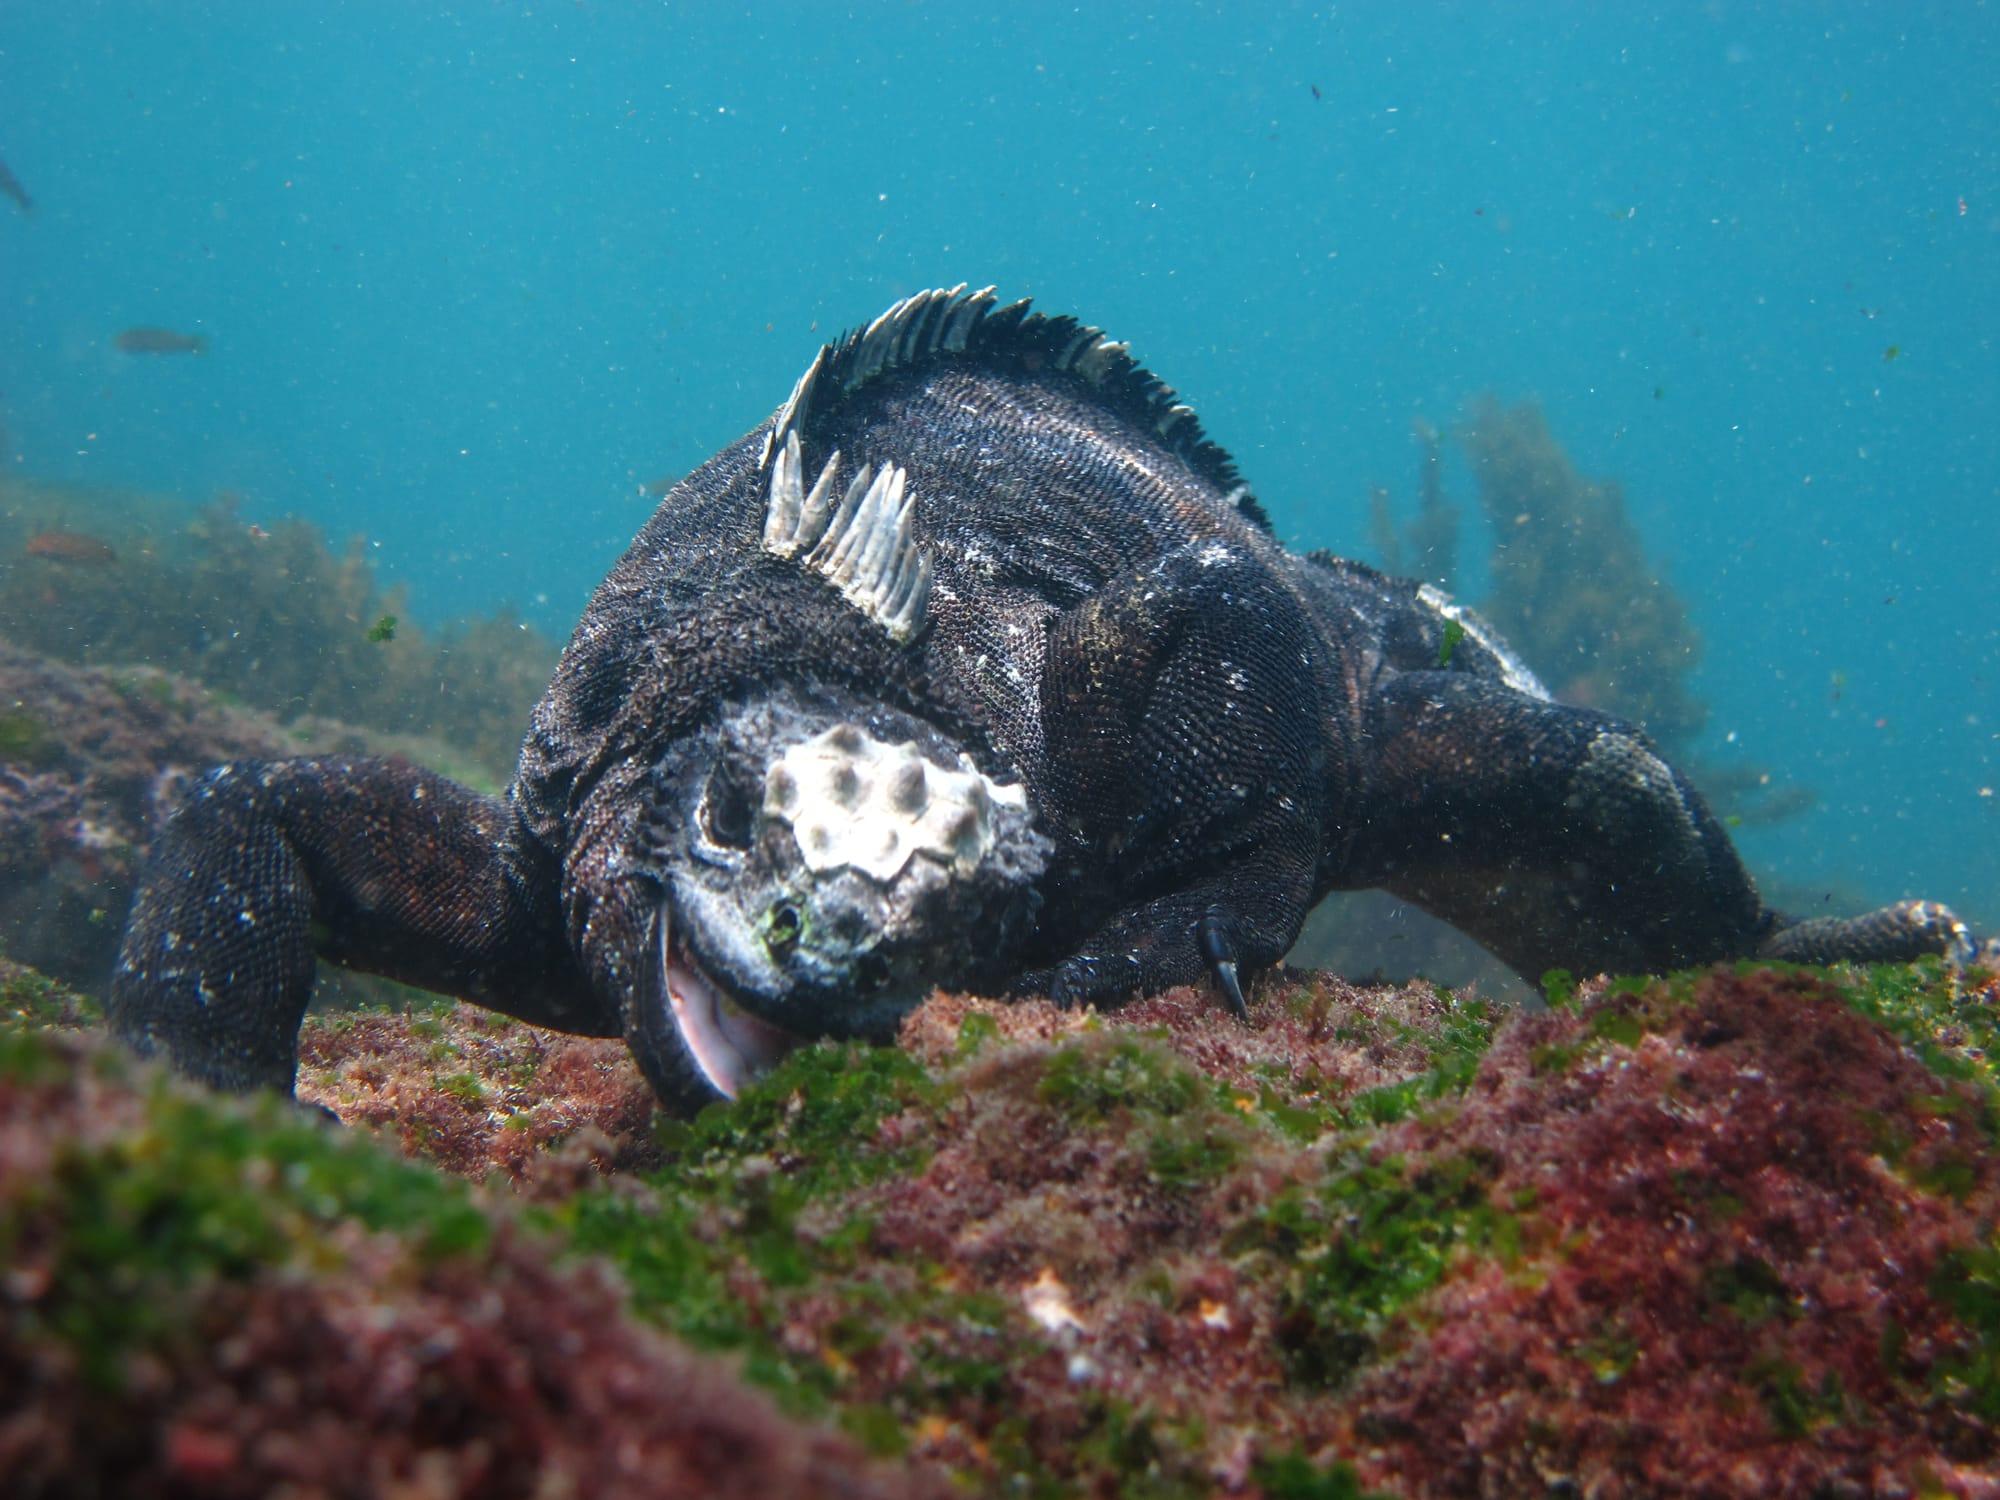 Iguane marin des Galapagos qui mange de l'algue verte au fond de l'eau